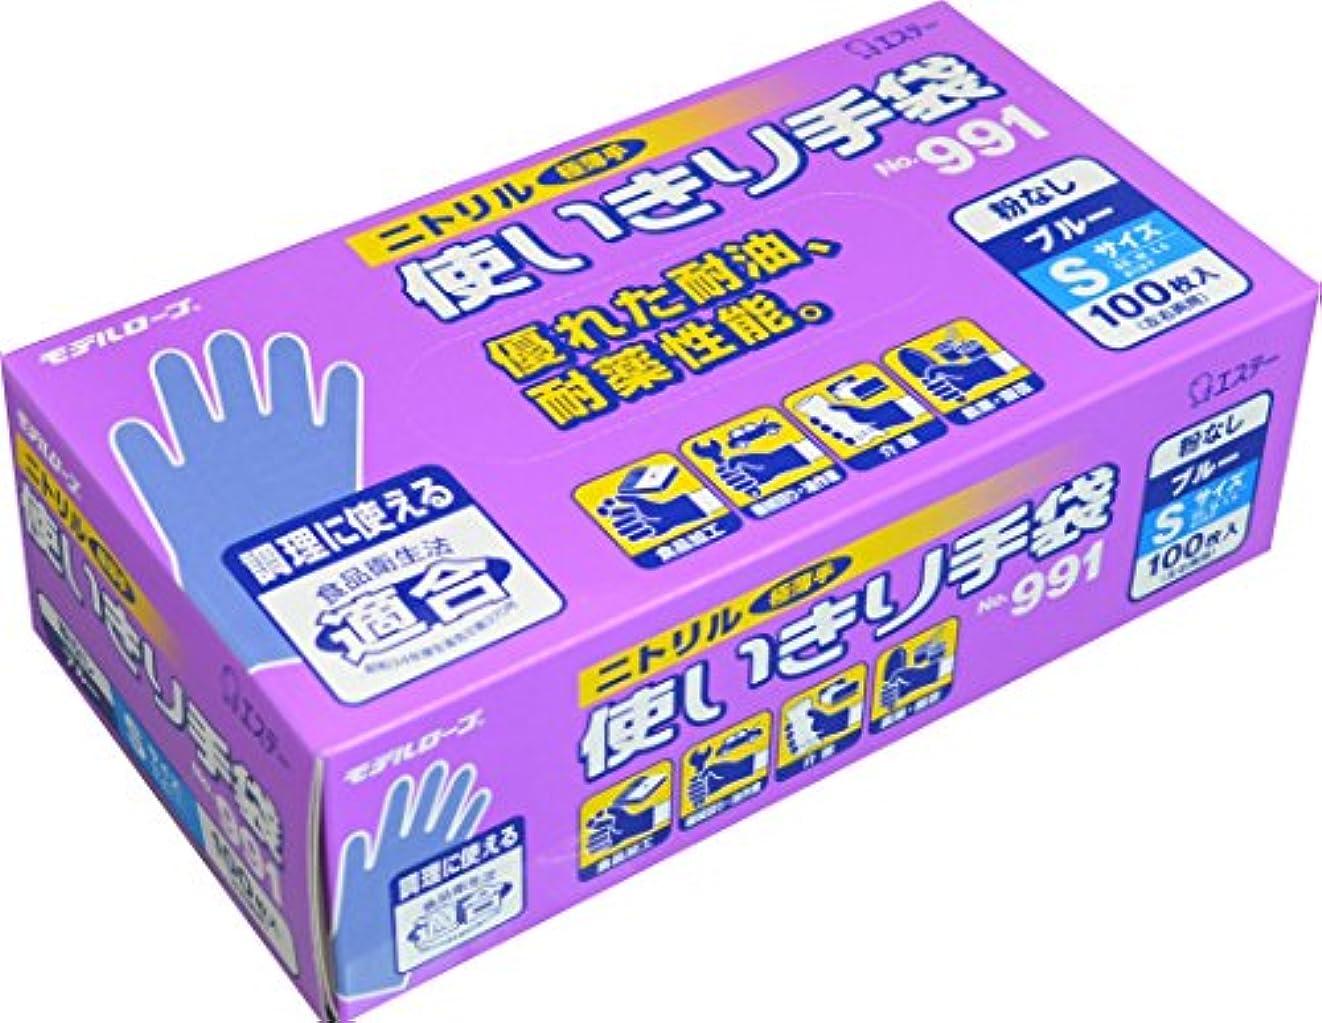 精神医学風景光のモデルローブ NO991 ニトリル使い切り手袋 100枚 ブルー S